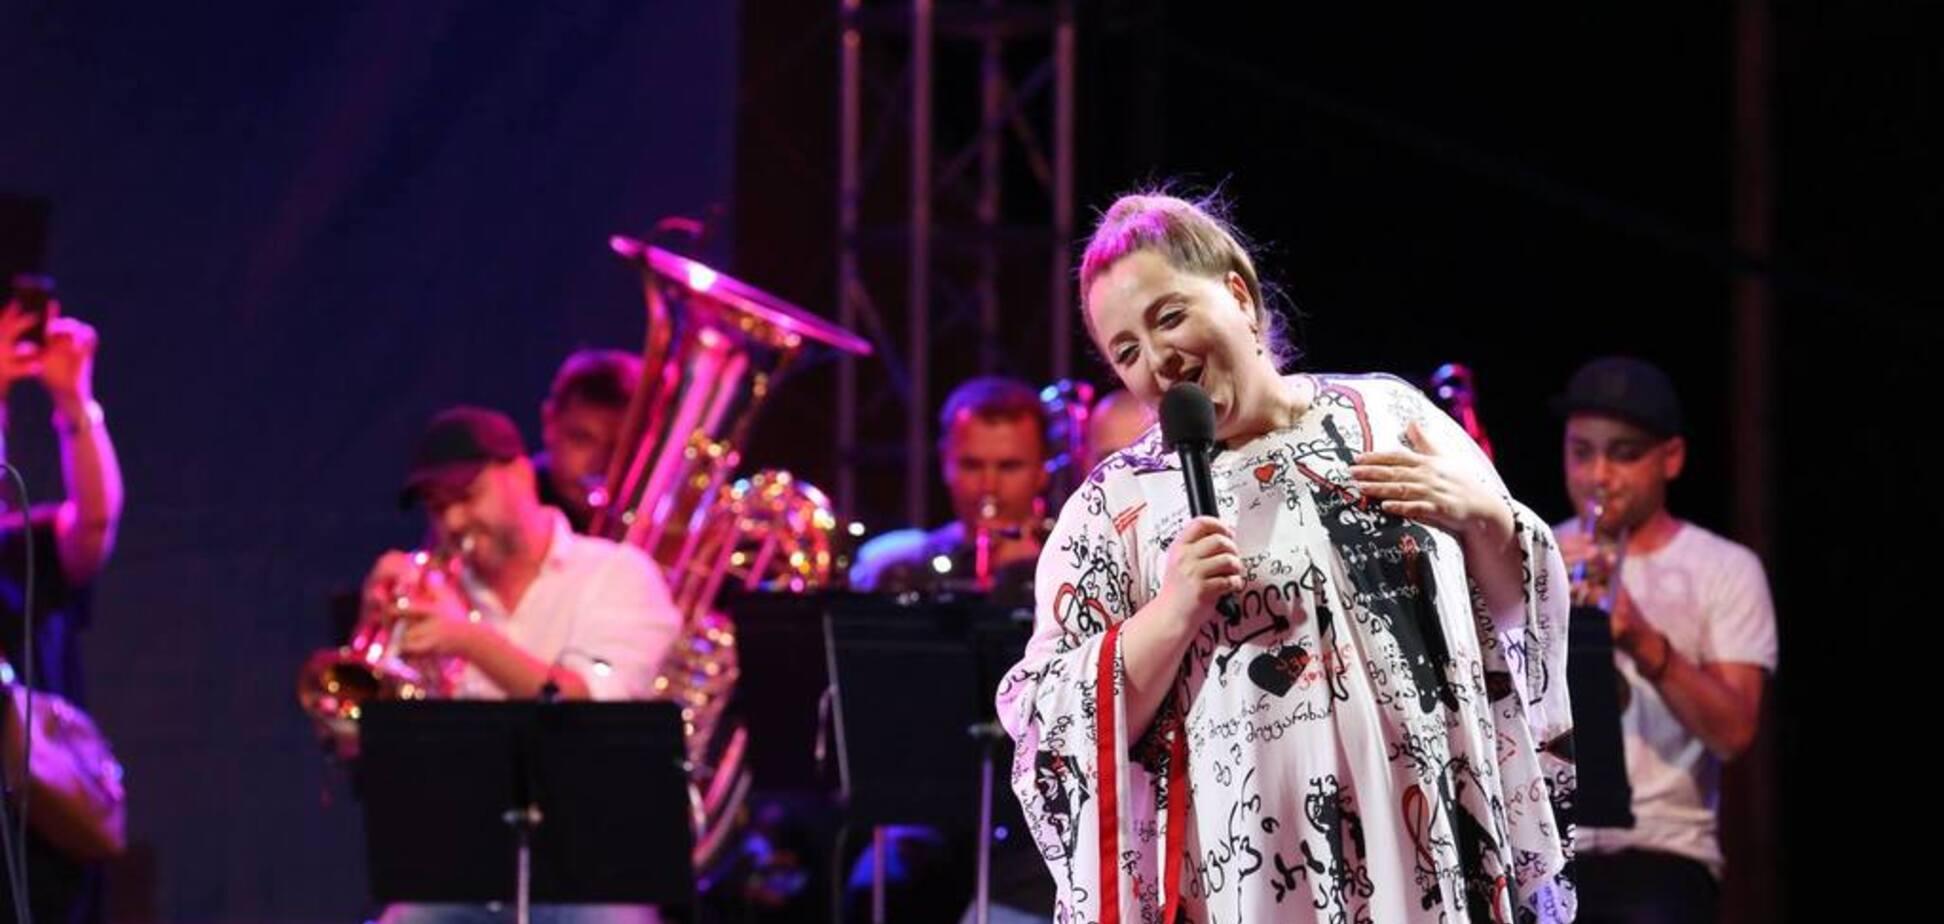 ''Я поддерживаю Украину'': знаменитая певица выразила позицию после агрессии России